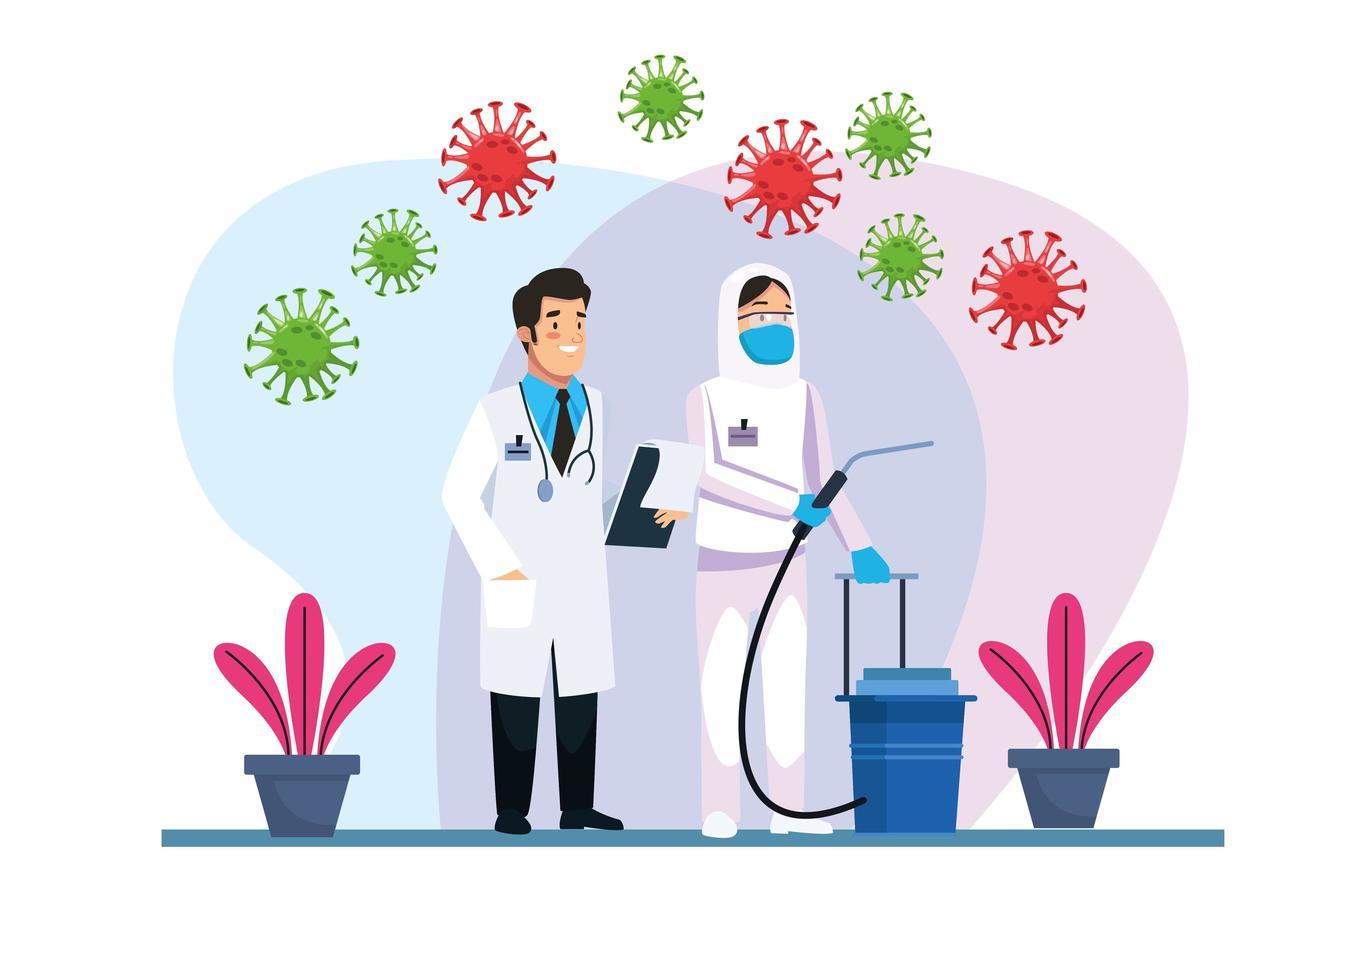 médecin et personne de nettoyage biohazard vecteur